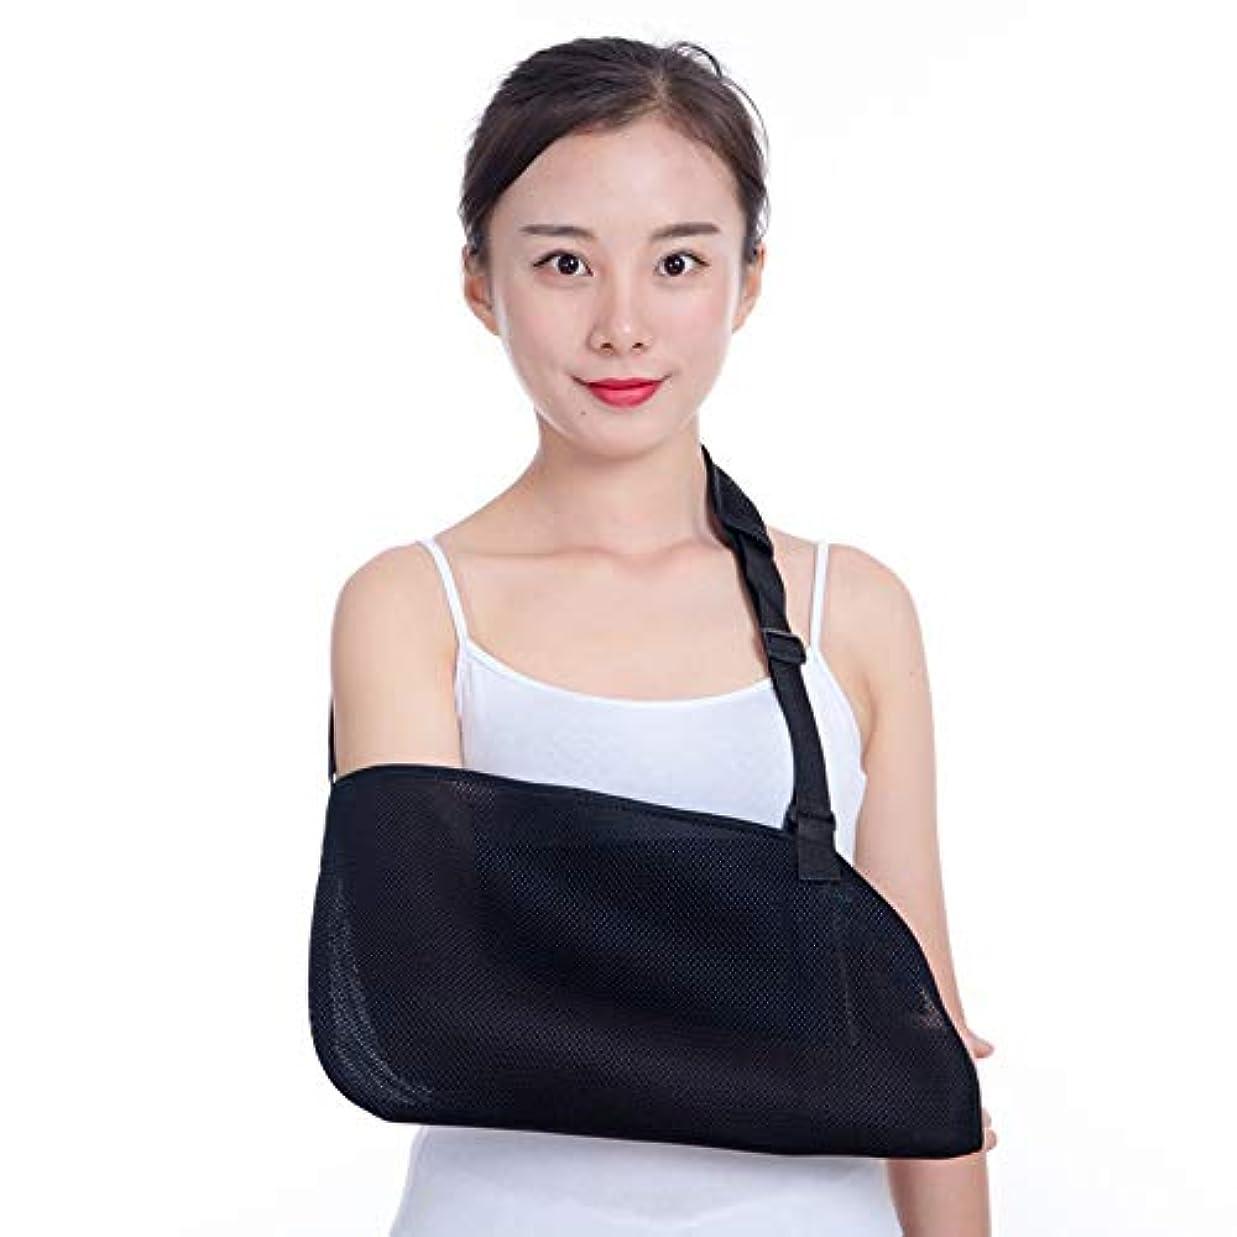 集めるクラウン正しい壊れた手首の肘固定用の成人用通気性メッシュ調節可能な前腕回旋腱板サポート軽量快適のためのアームスリングブレース,Black